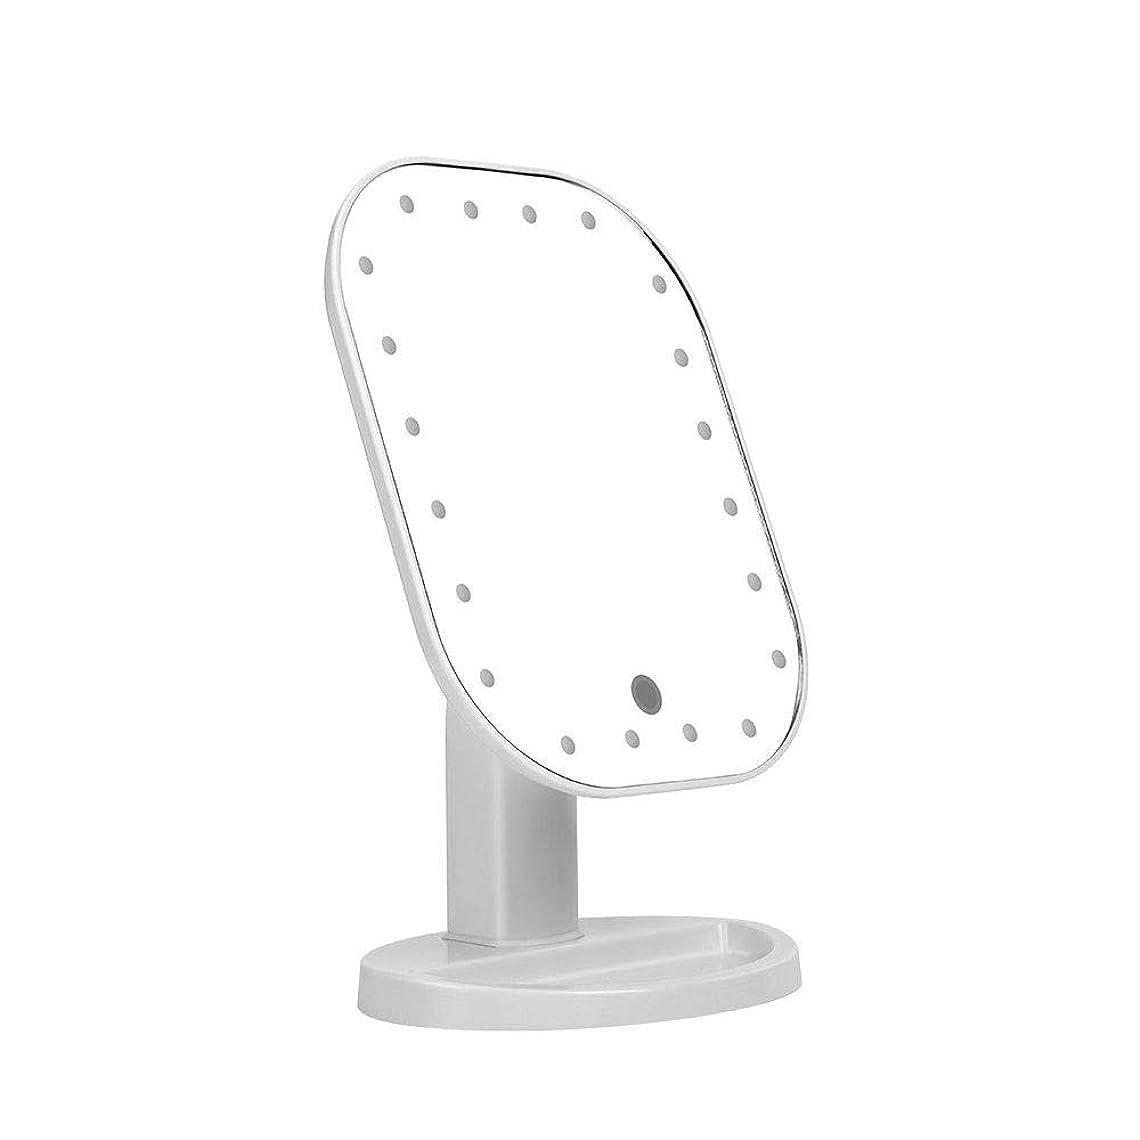 韓国臭い操縦する卓上化粧鏡、C-Timvasion 女優 化粧鏡 20個LEDライト付き タッチパネル 明るさ調節可 角度180度調節可 単三電池給電